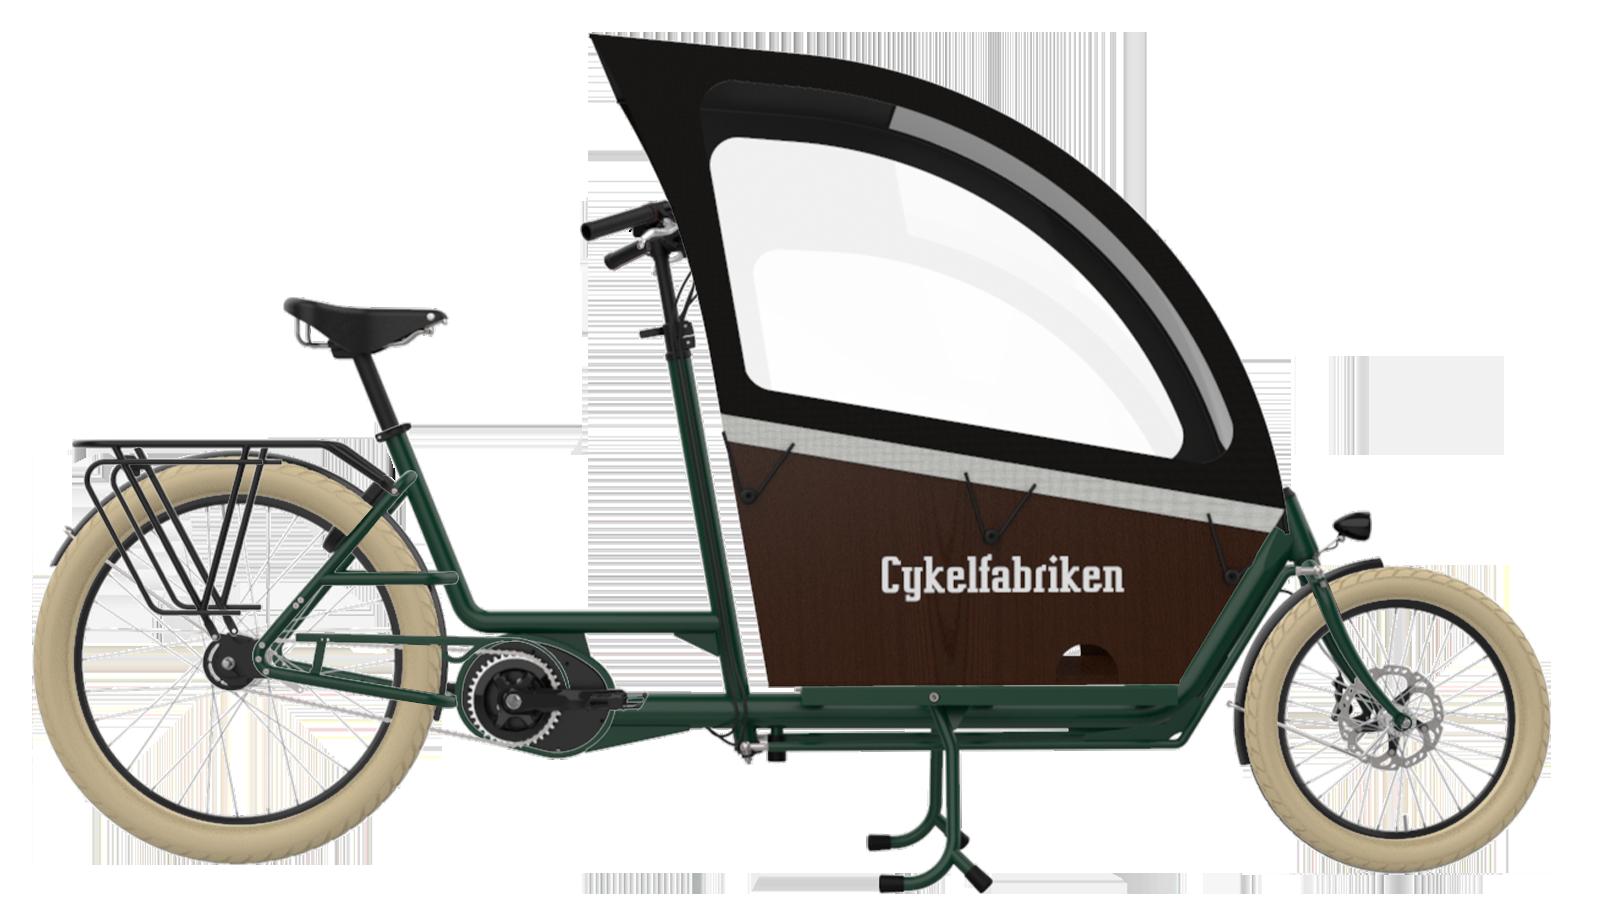 Bakfiets_Long_Full_bike_Pearl_Green_RainCover